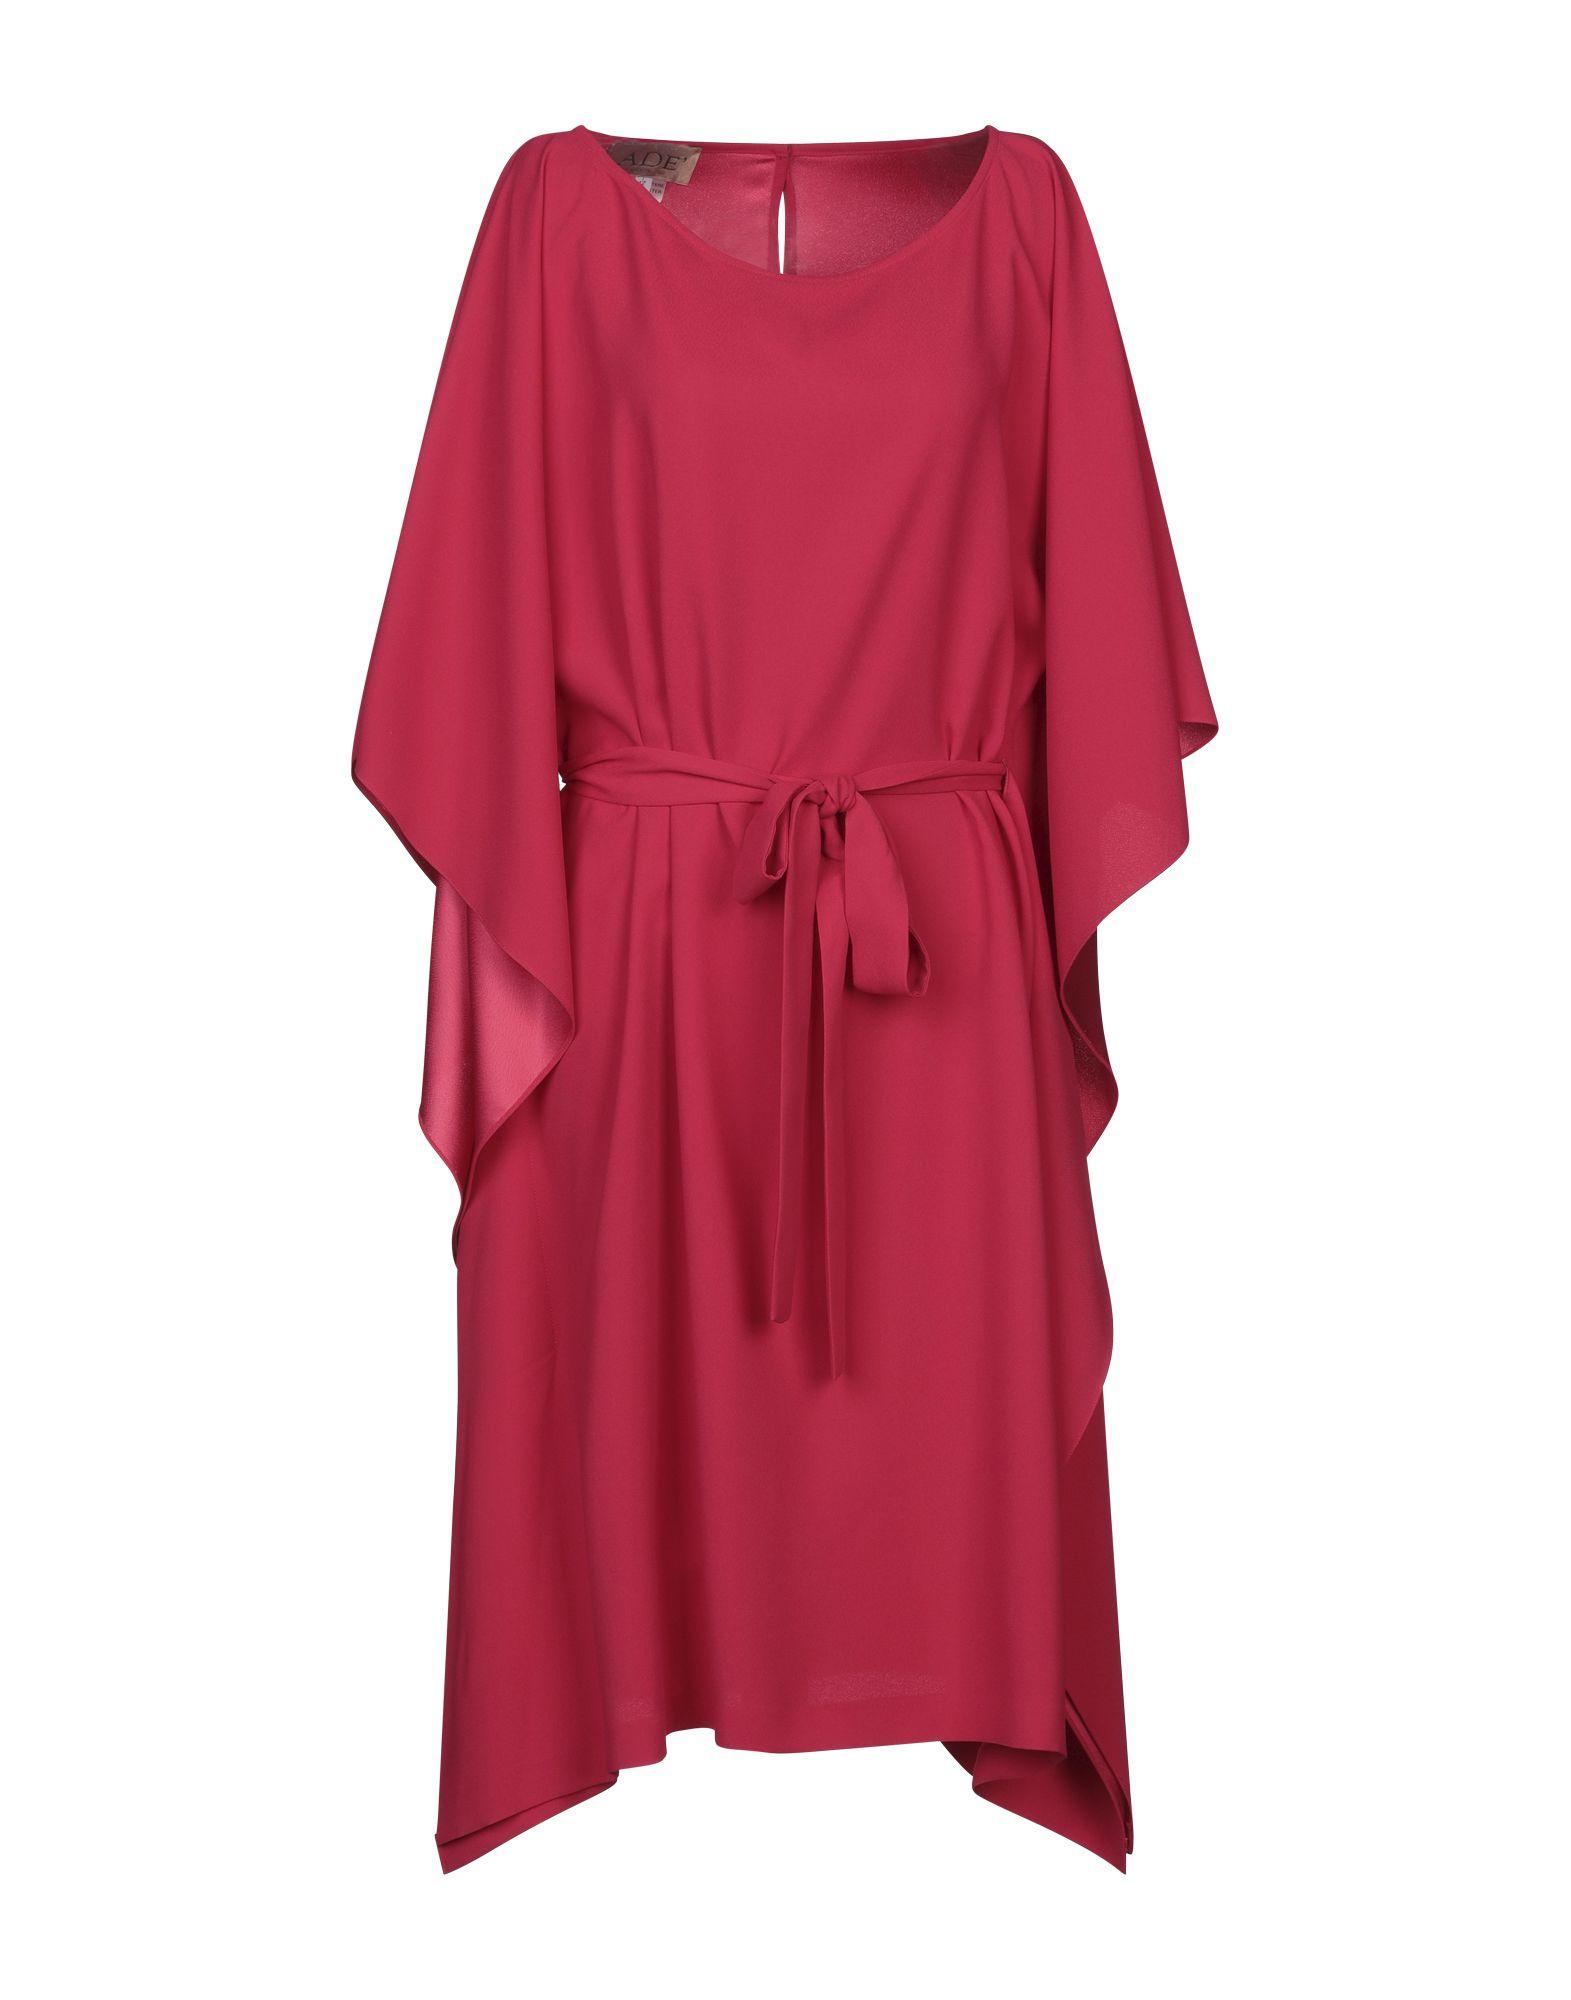 ADE' Платье длиной 3/4 g bissantz ade